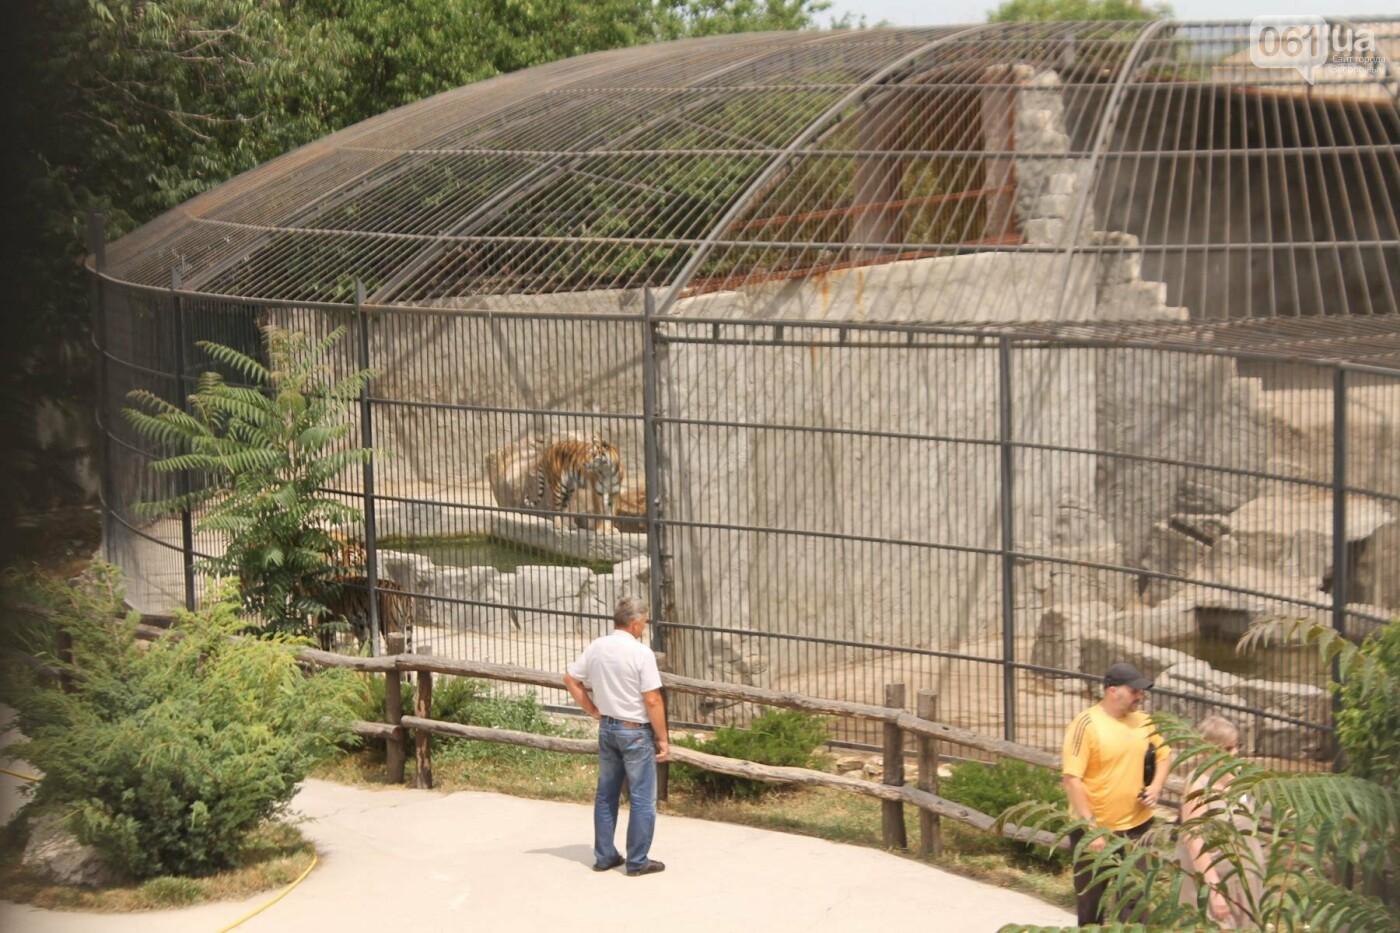 В доме с хищниками: как Александр Пылышенко прожил 36 дней с львицей и построил в Васильевке уникальный зоопарк, фото-2